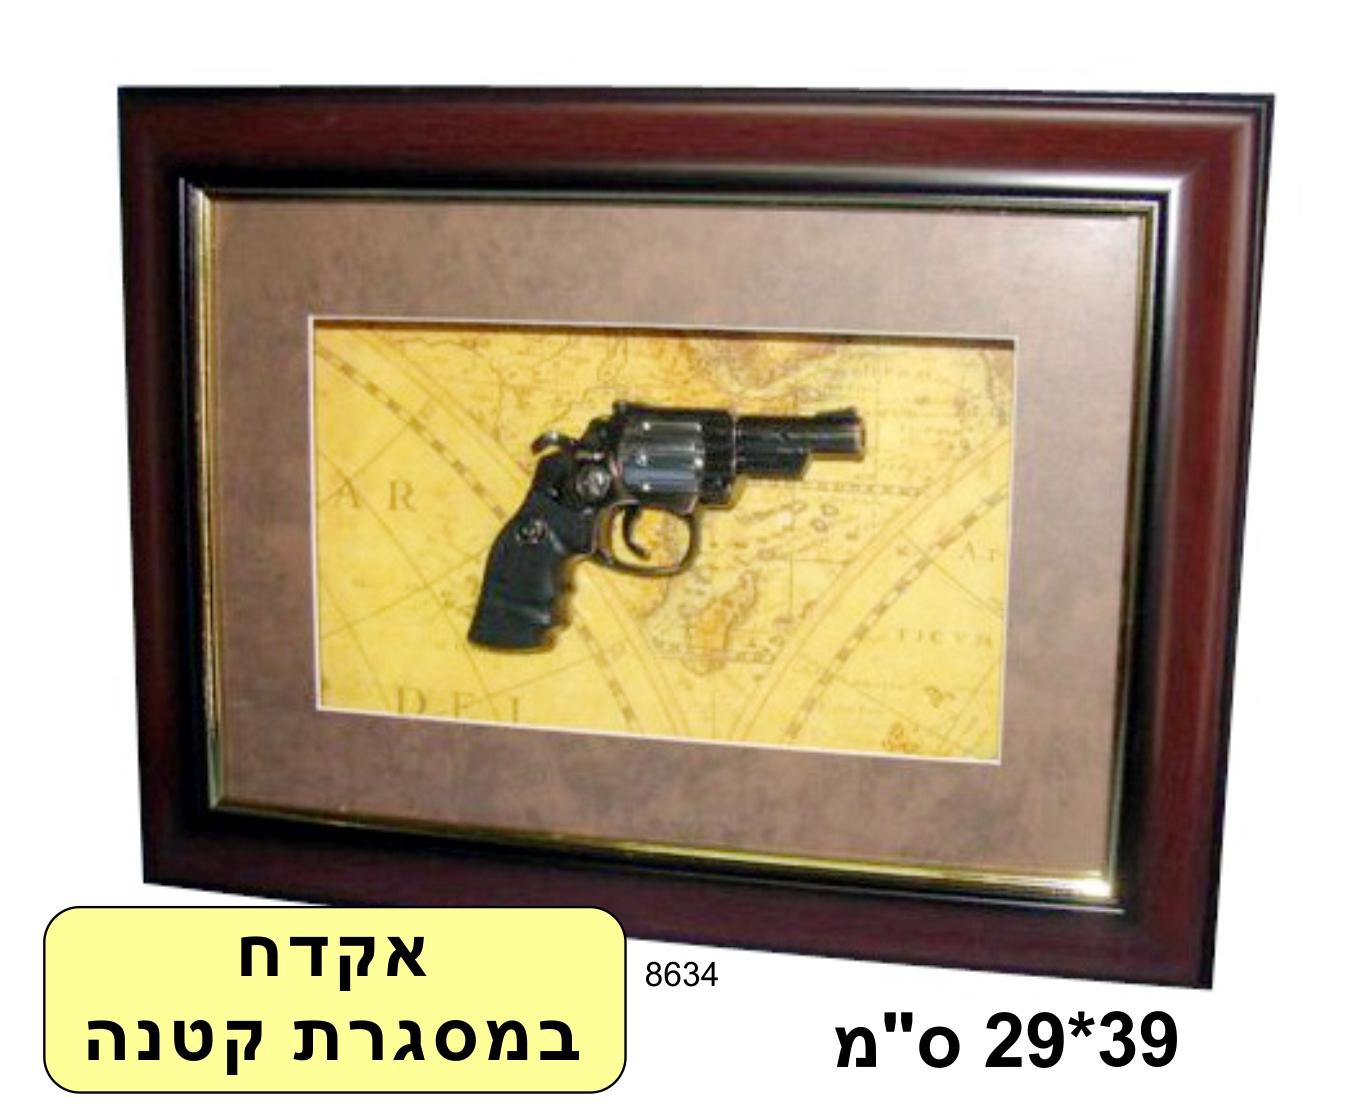 אקדח במסגרת קטנה